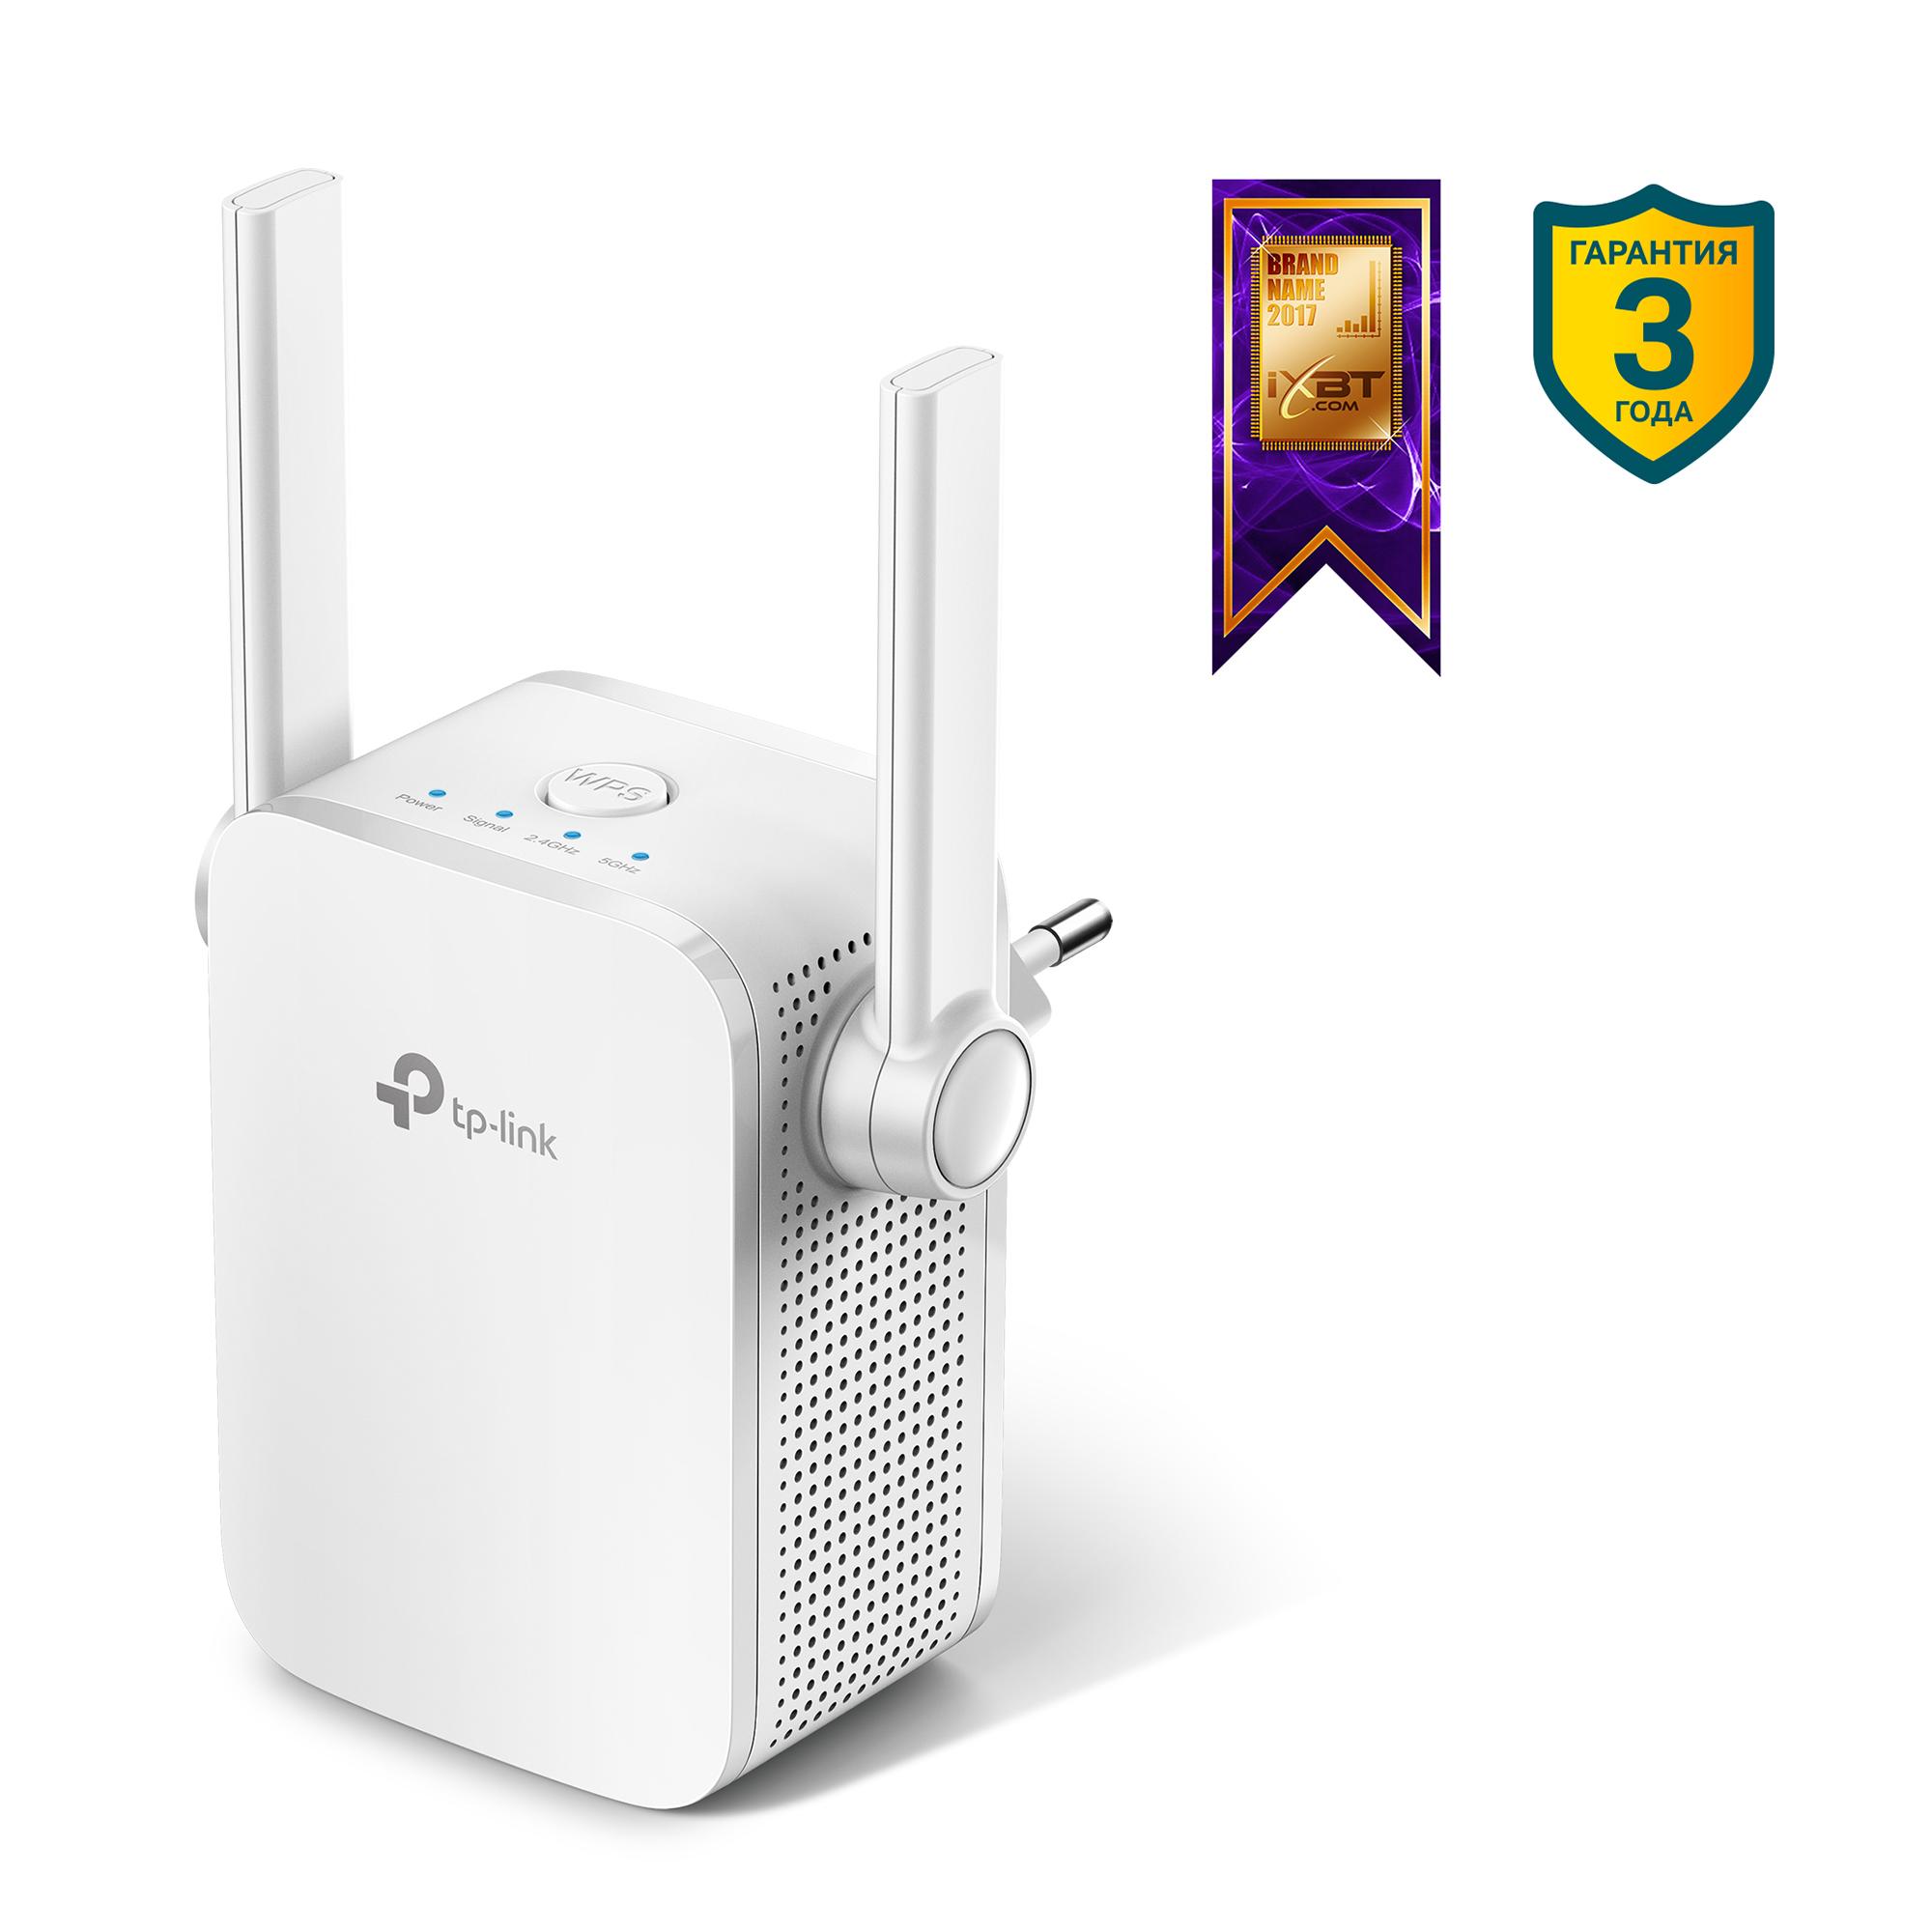 Усилитель сигнала TP-LINK RE205 AC750 Усилитель Wi-Fi сигнала усилитель wi fi сигнала с умной розеткой tp link re270k белый